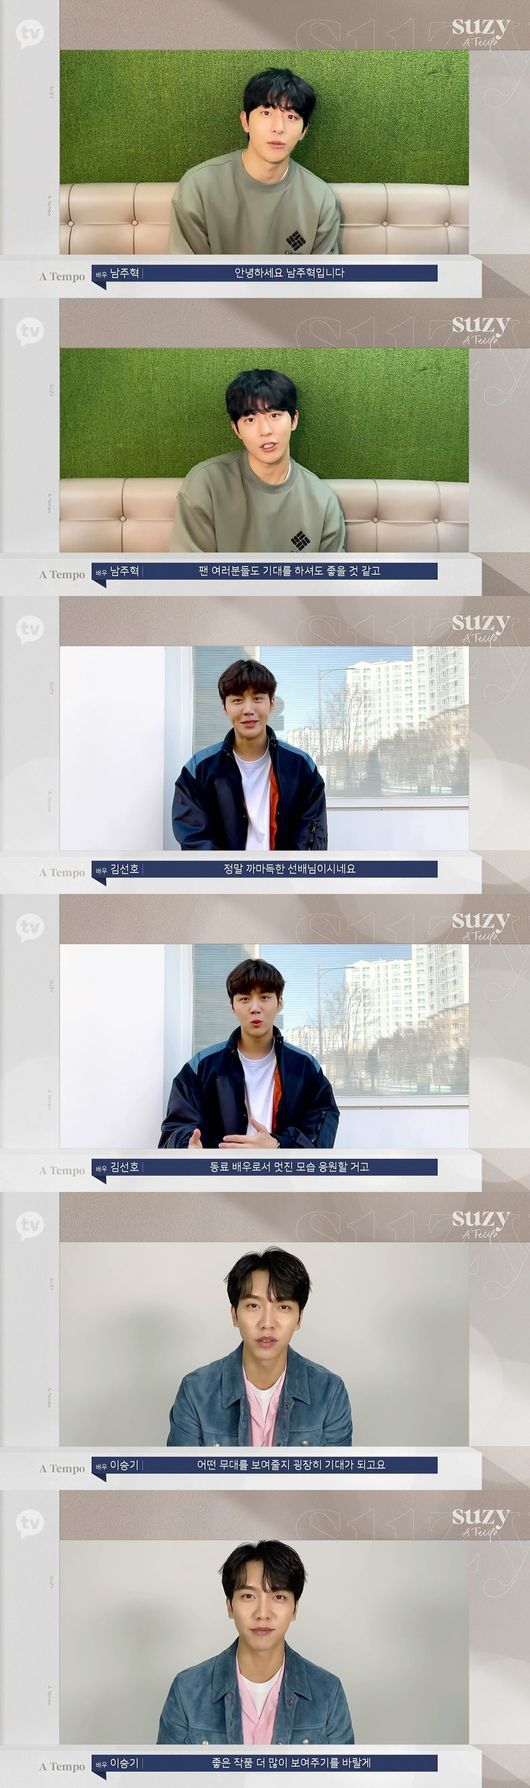 수지, 남주혁·김선호→박진영이 보낸 10주년 축하영상 공개 축하해 수지야 (SUZY: A Tempo) [종합]